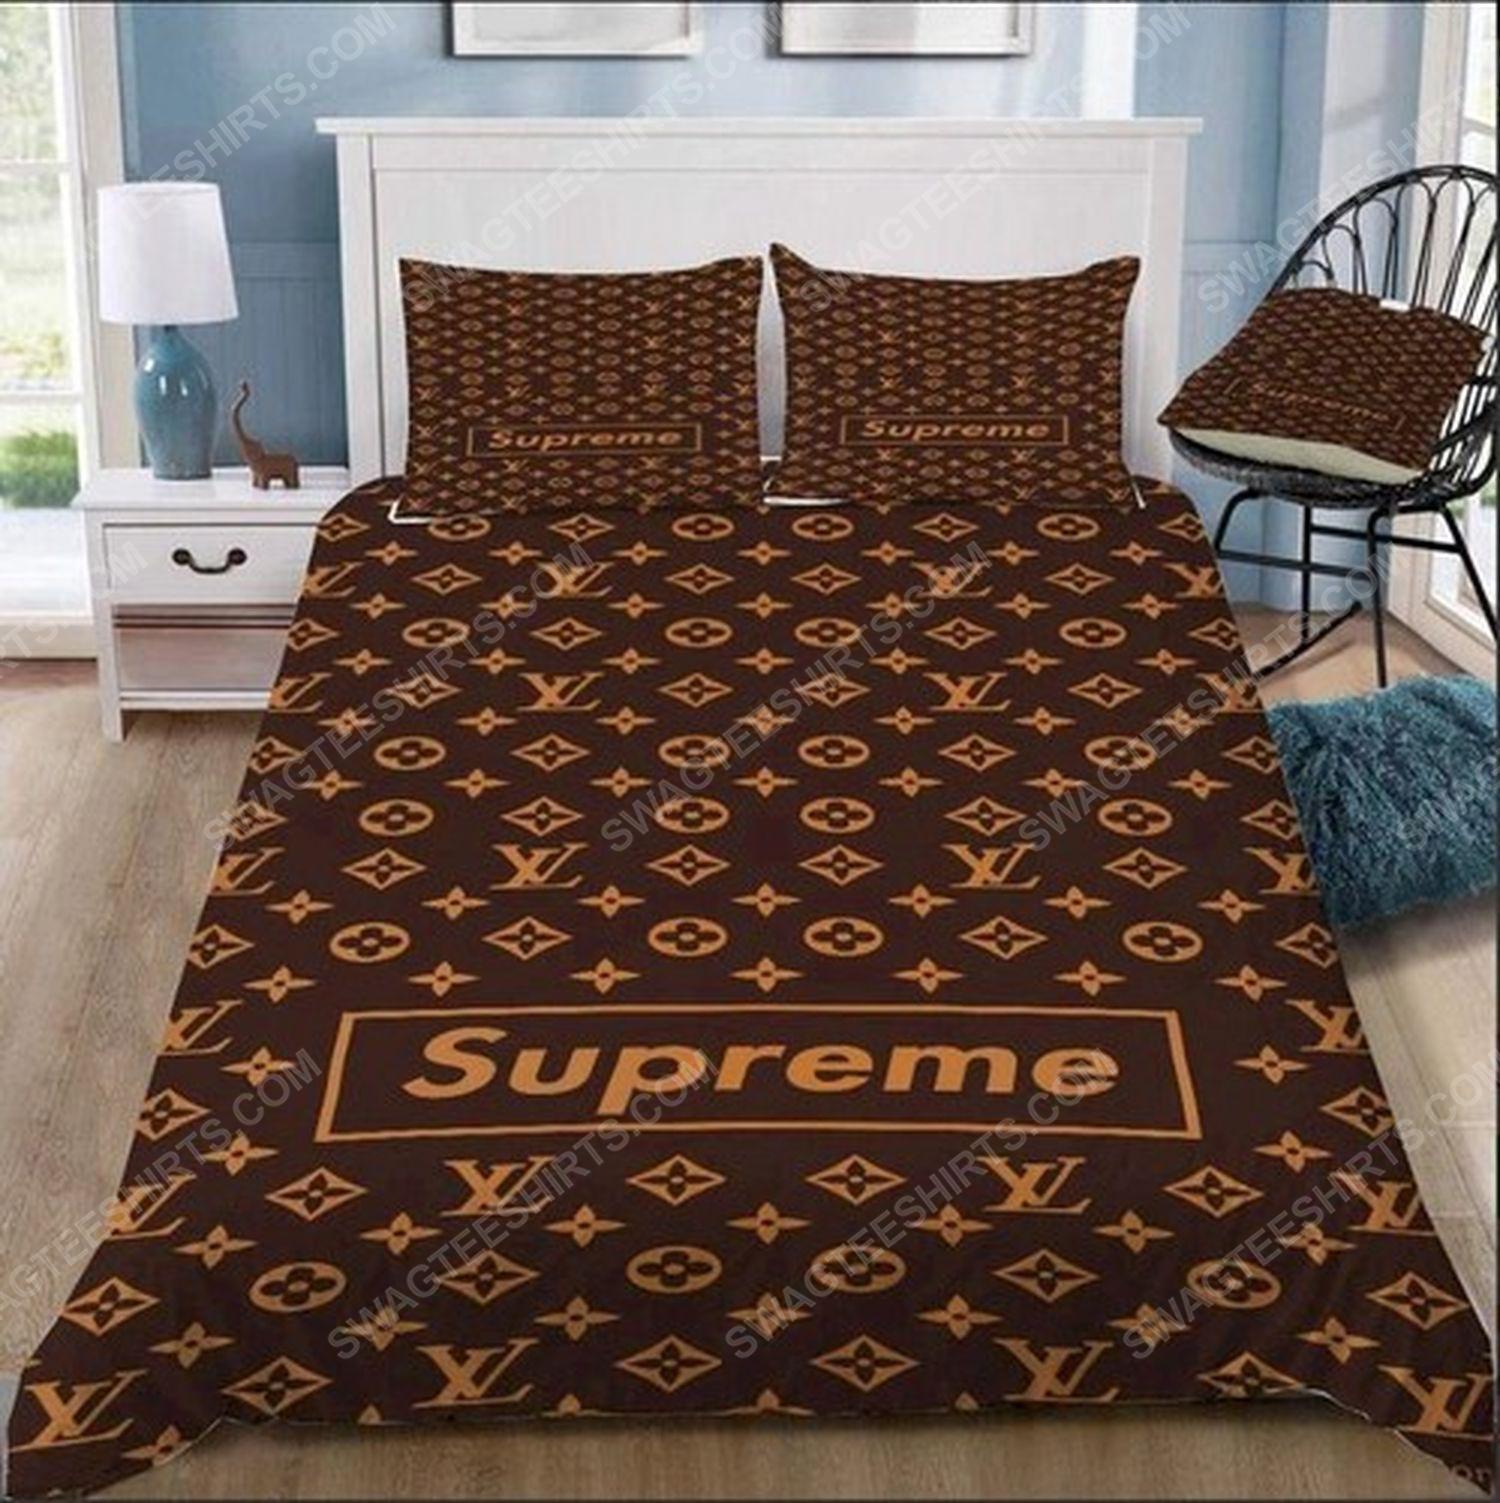 Lv monogram symbols full print duvet cover bedding set 2